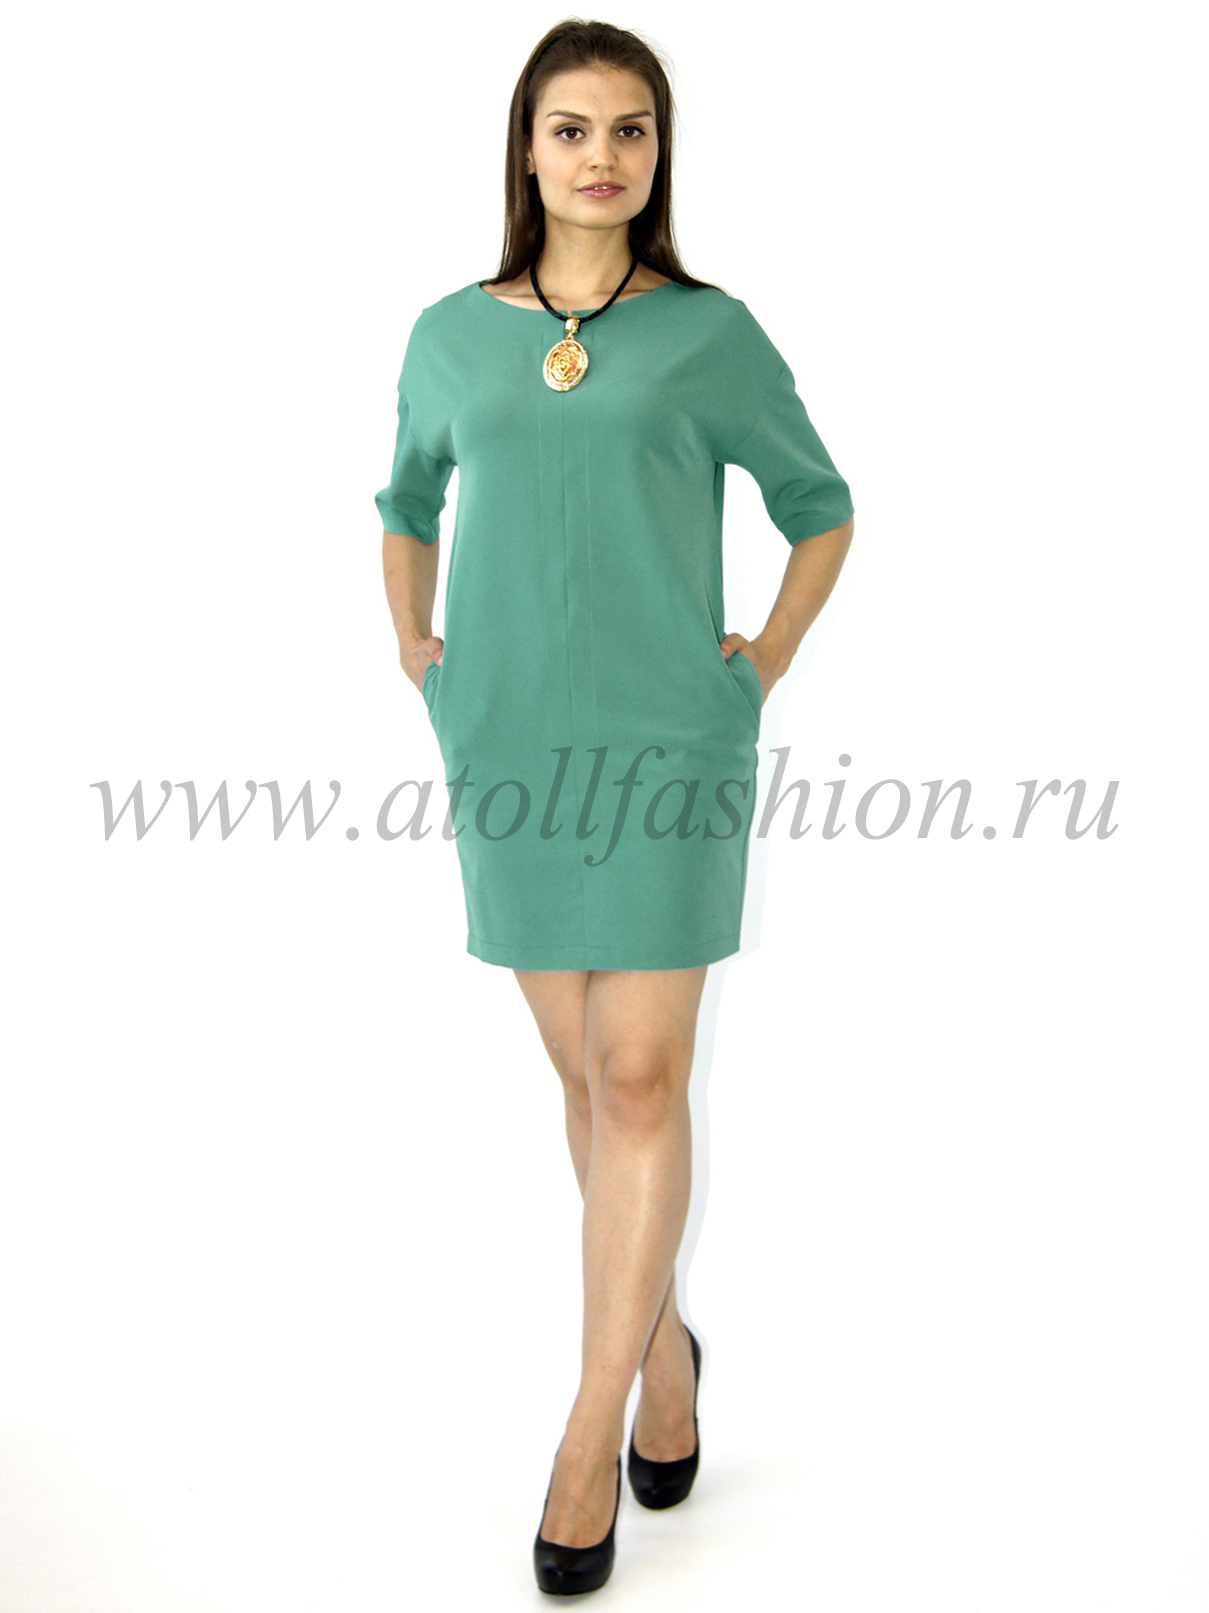 Женская Одежда Пиена Опиом